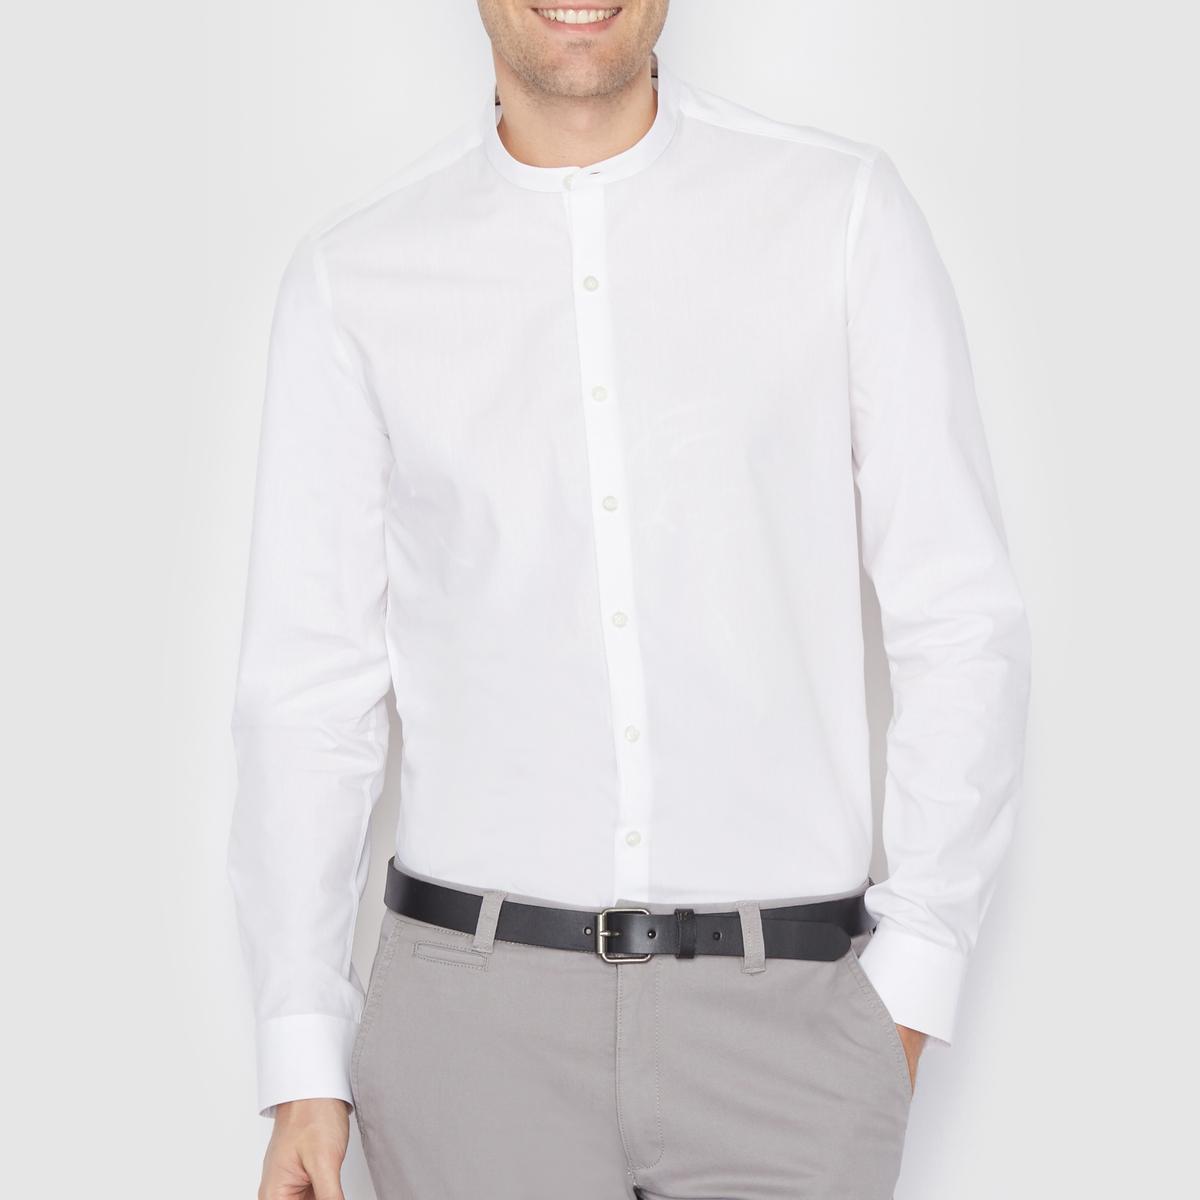 Рубашка зауженного покроя 100% хлопок джины spike зауженного покроя